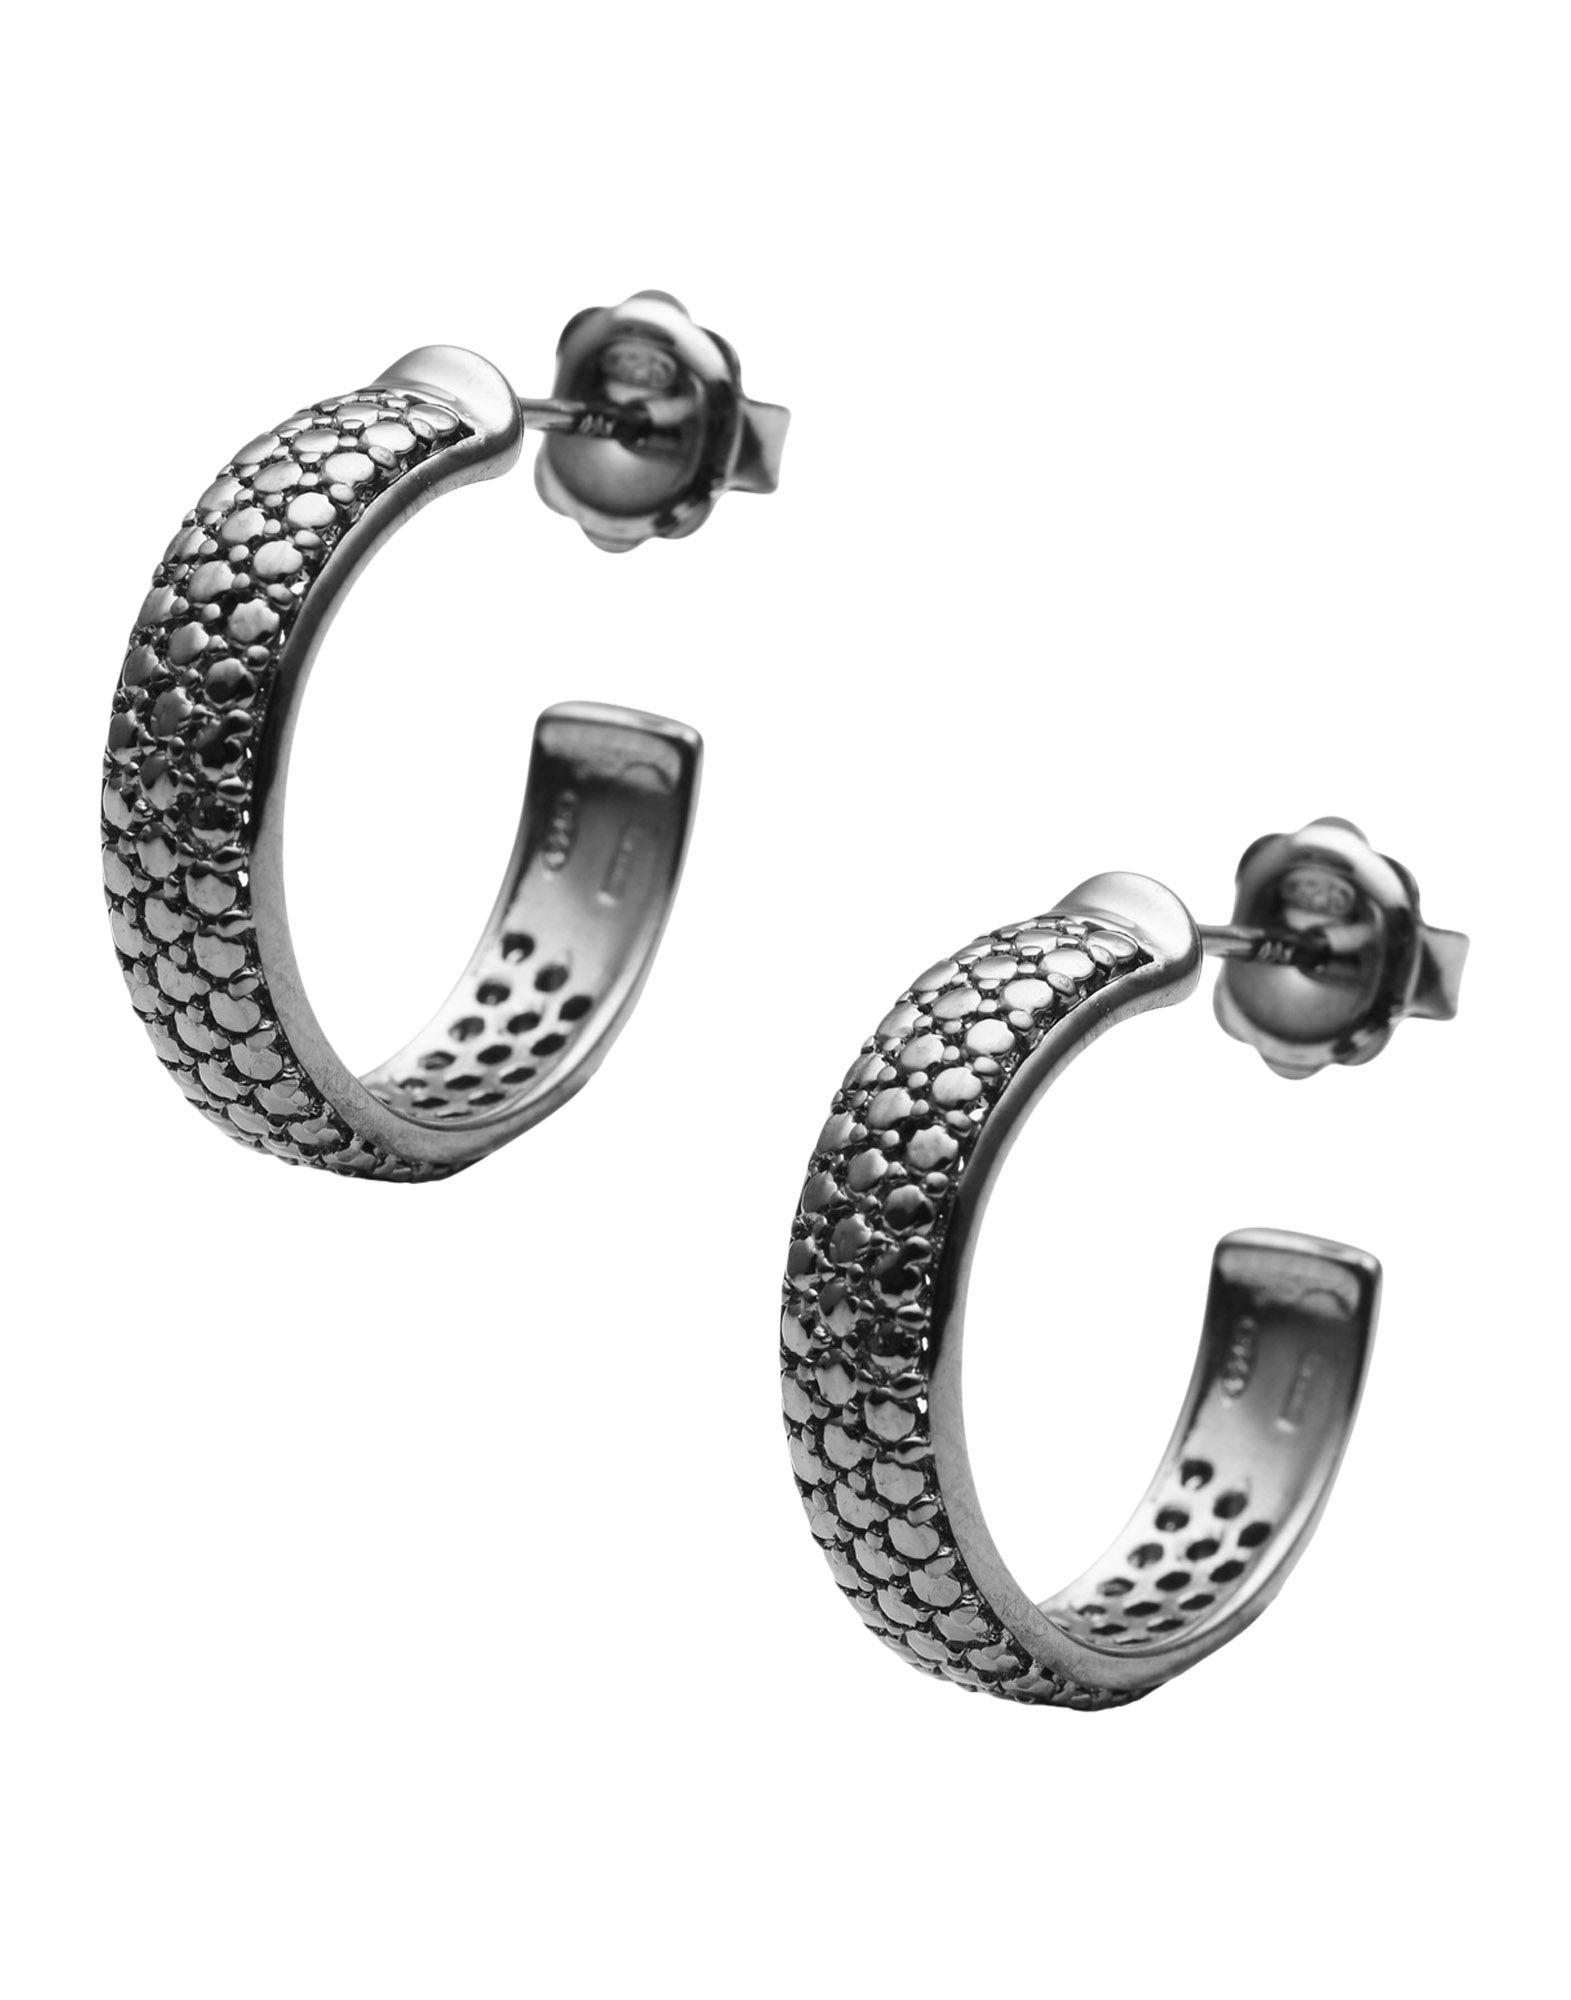 BLISS Earrings in Lead